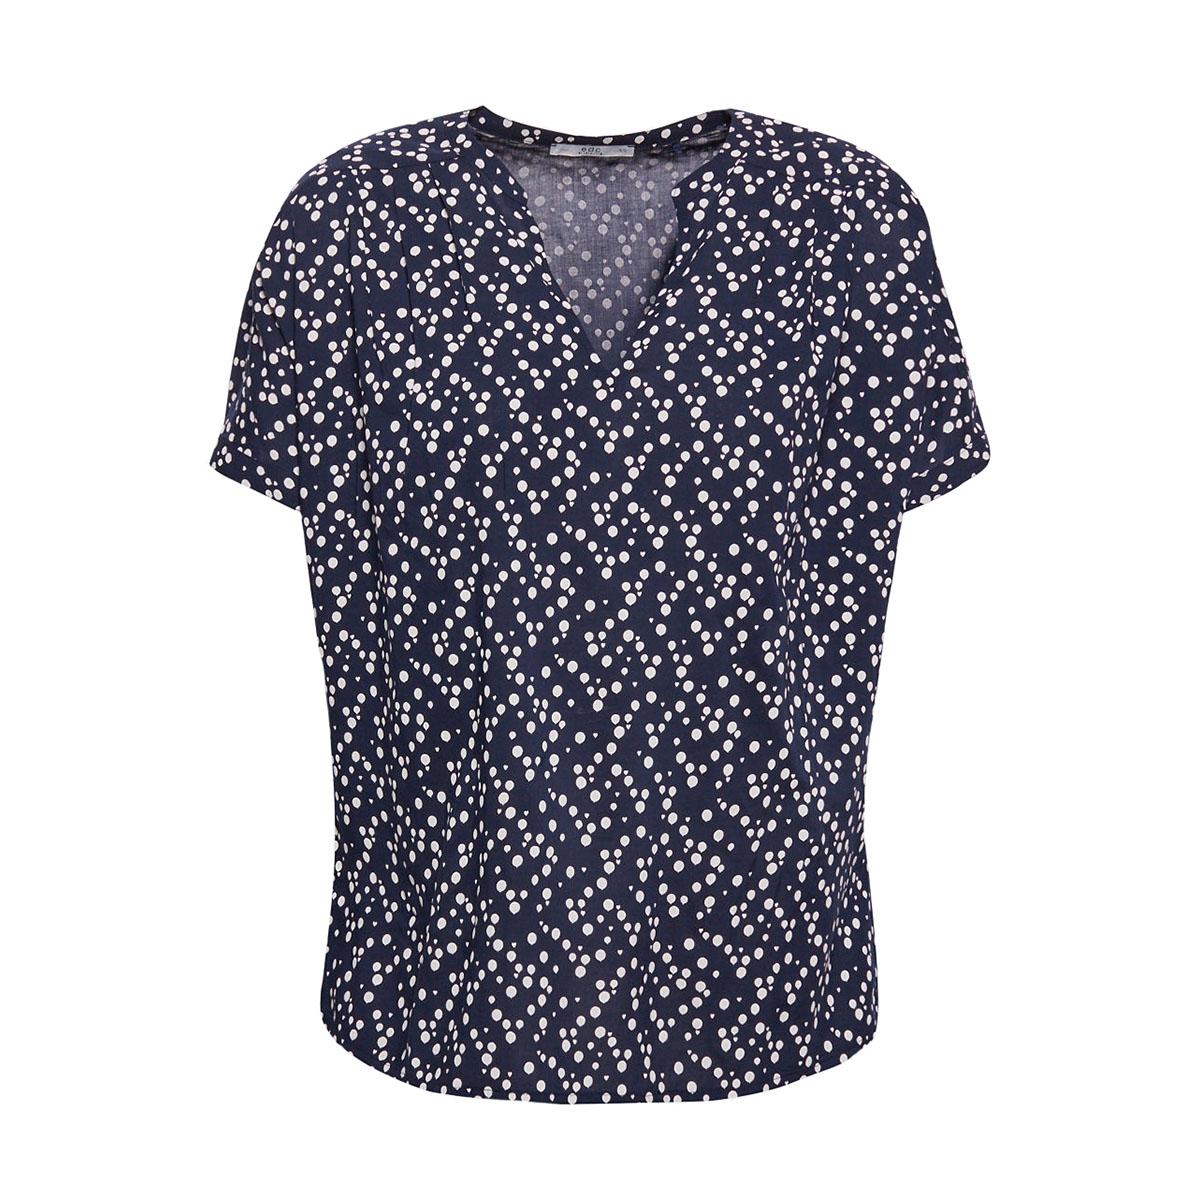 029cc1f012 edc blouse c400